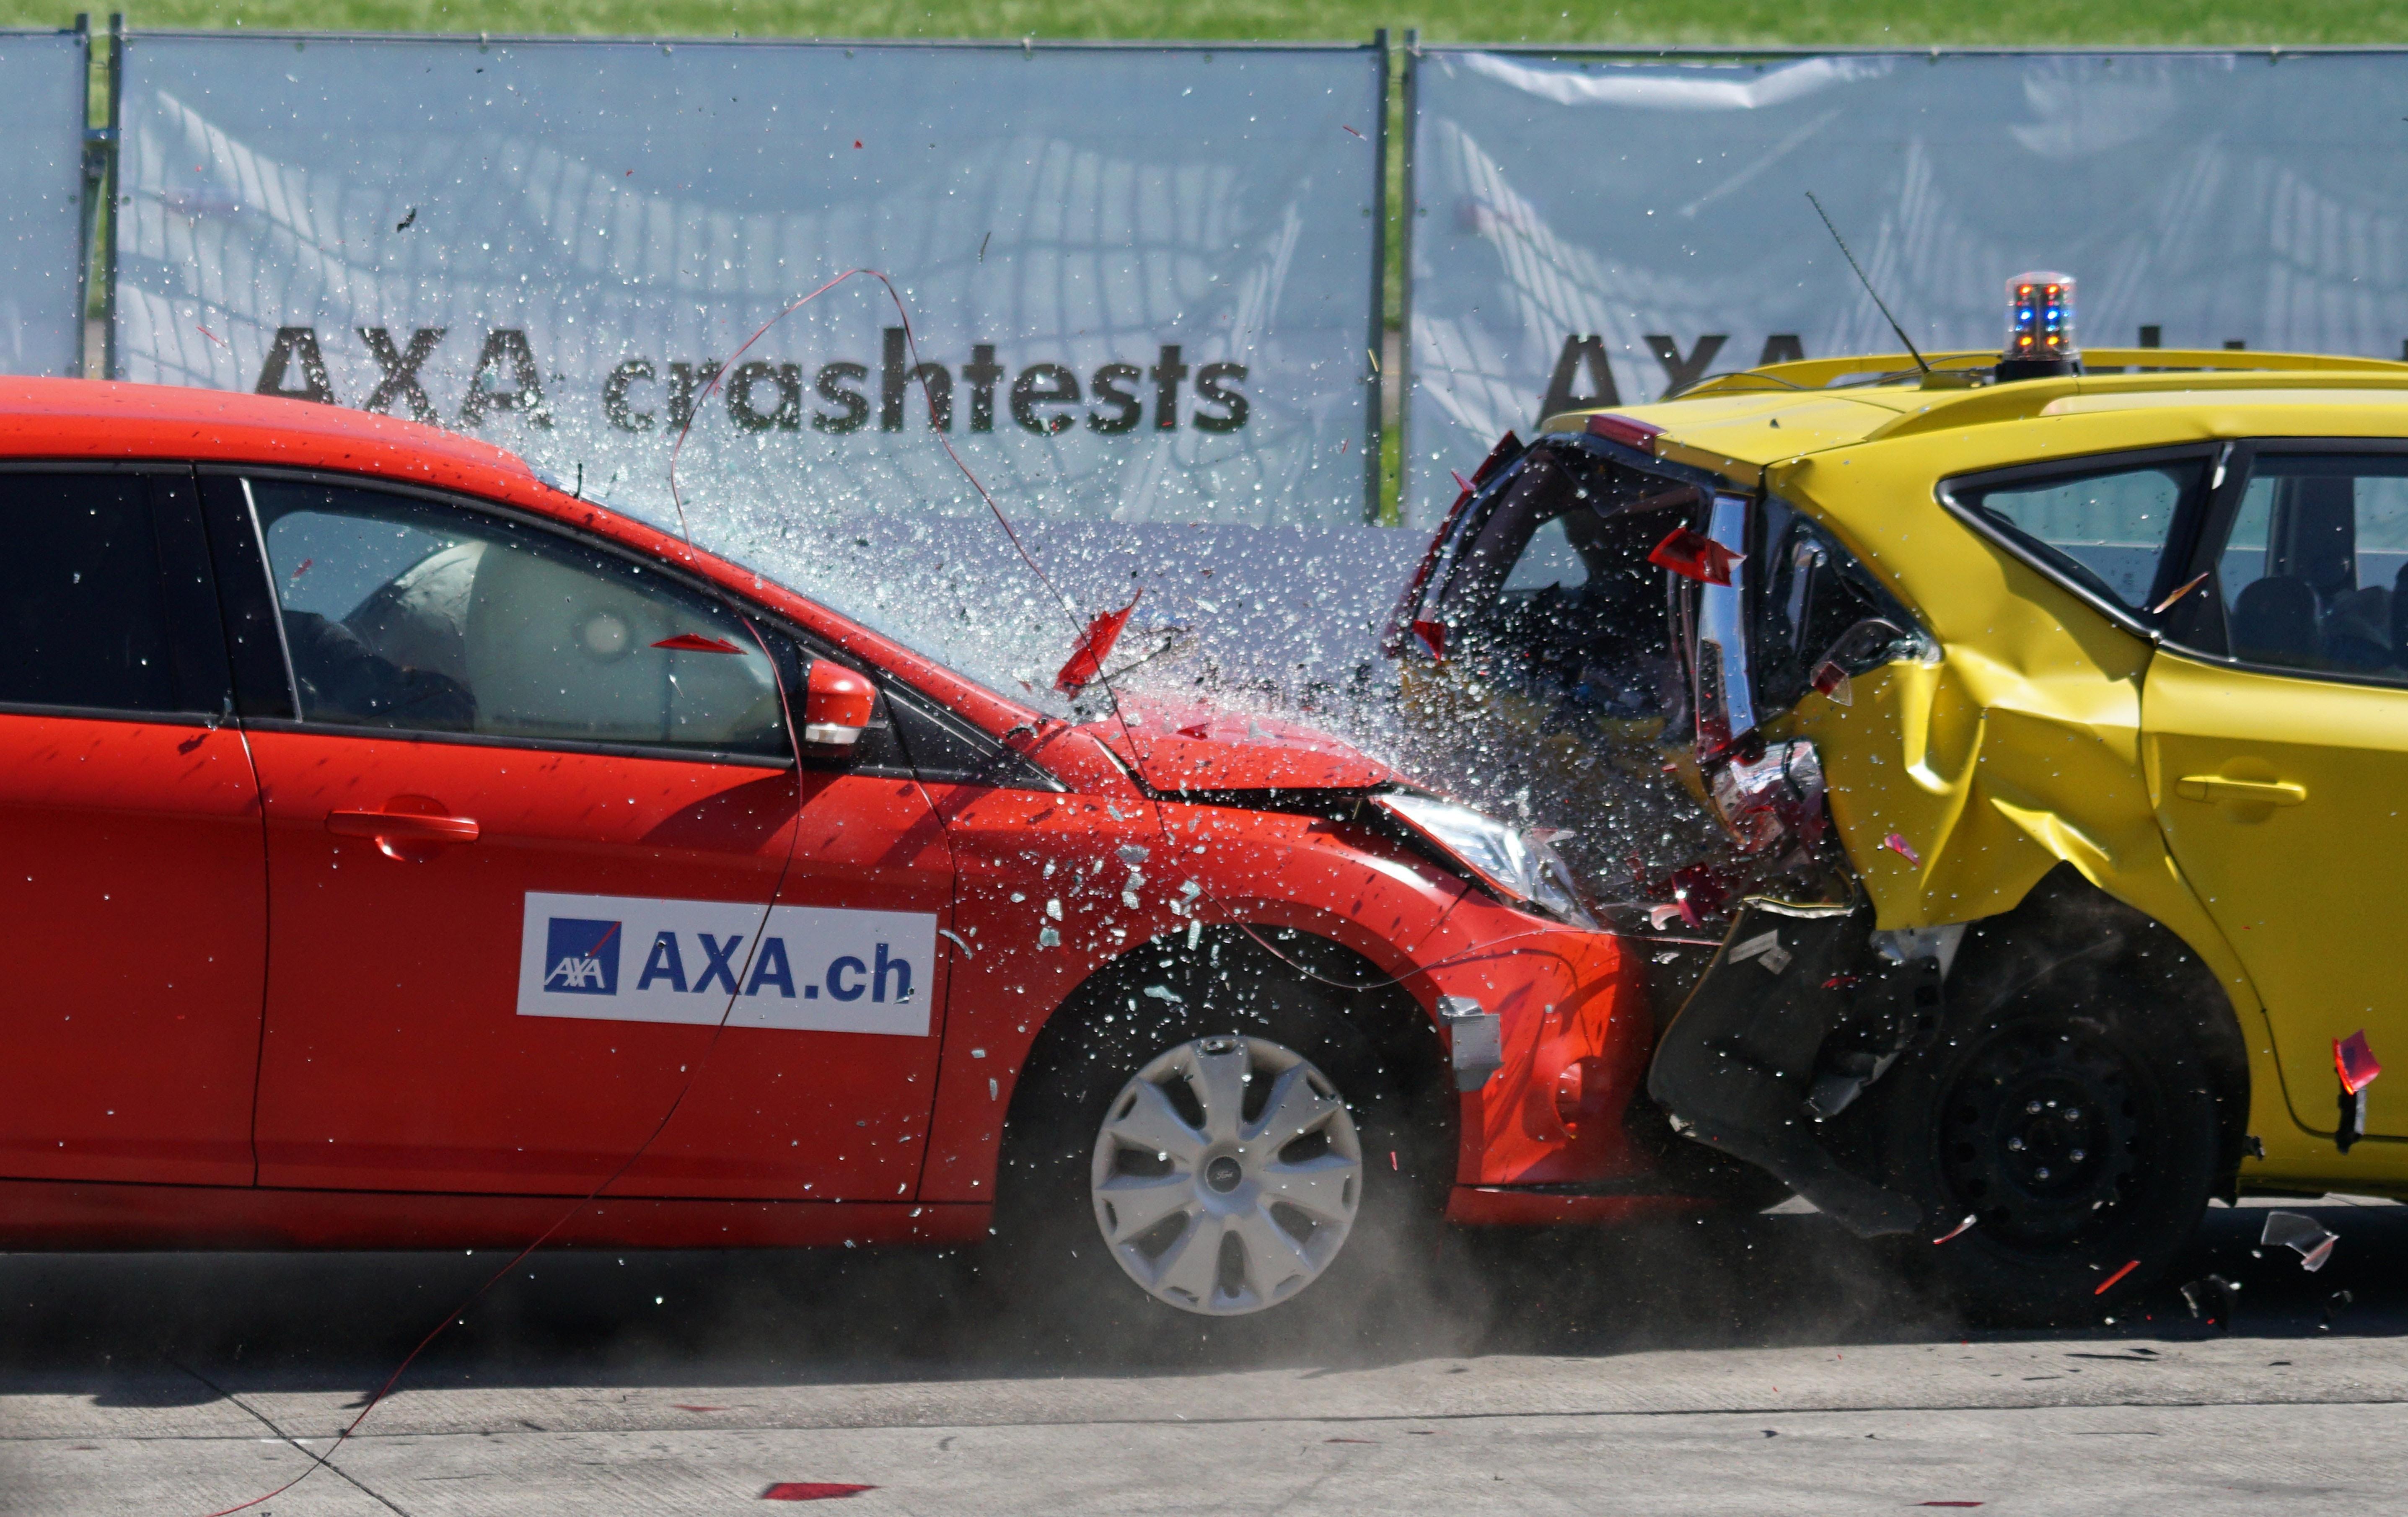 Accident Consultation